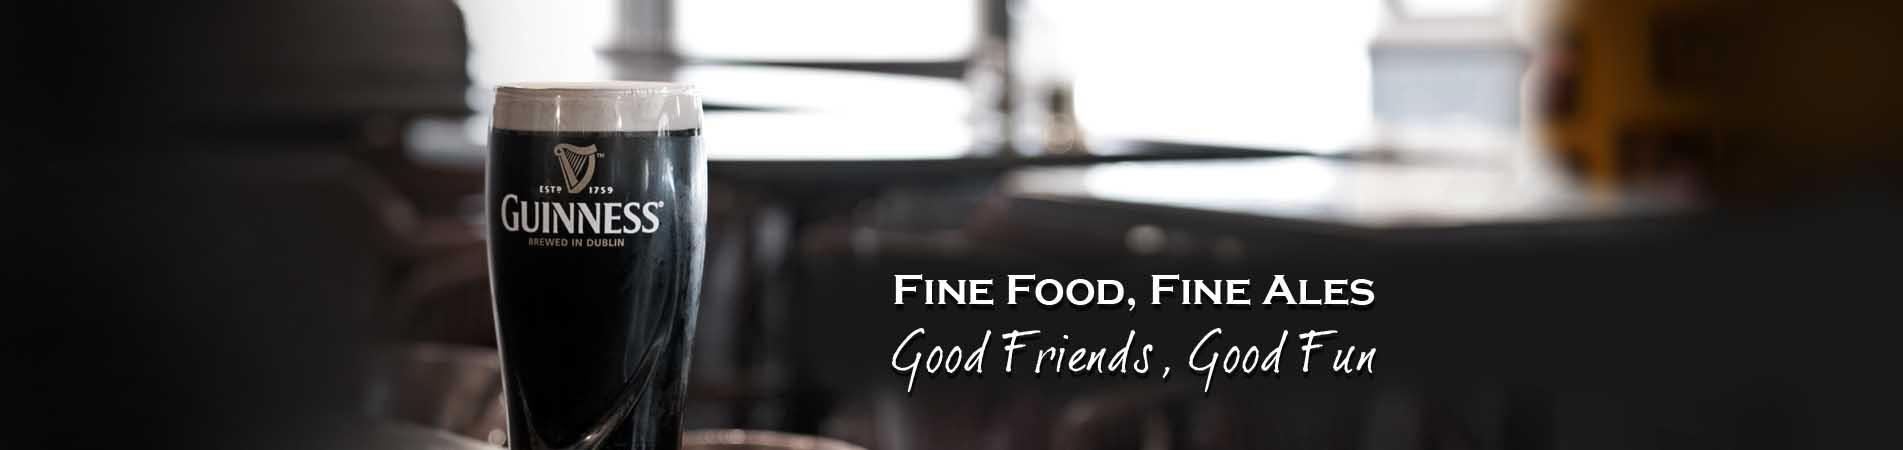 Fine food, fine ales. Good friends, good fun.